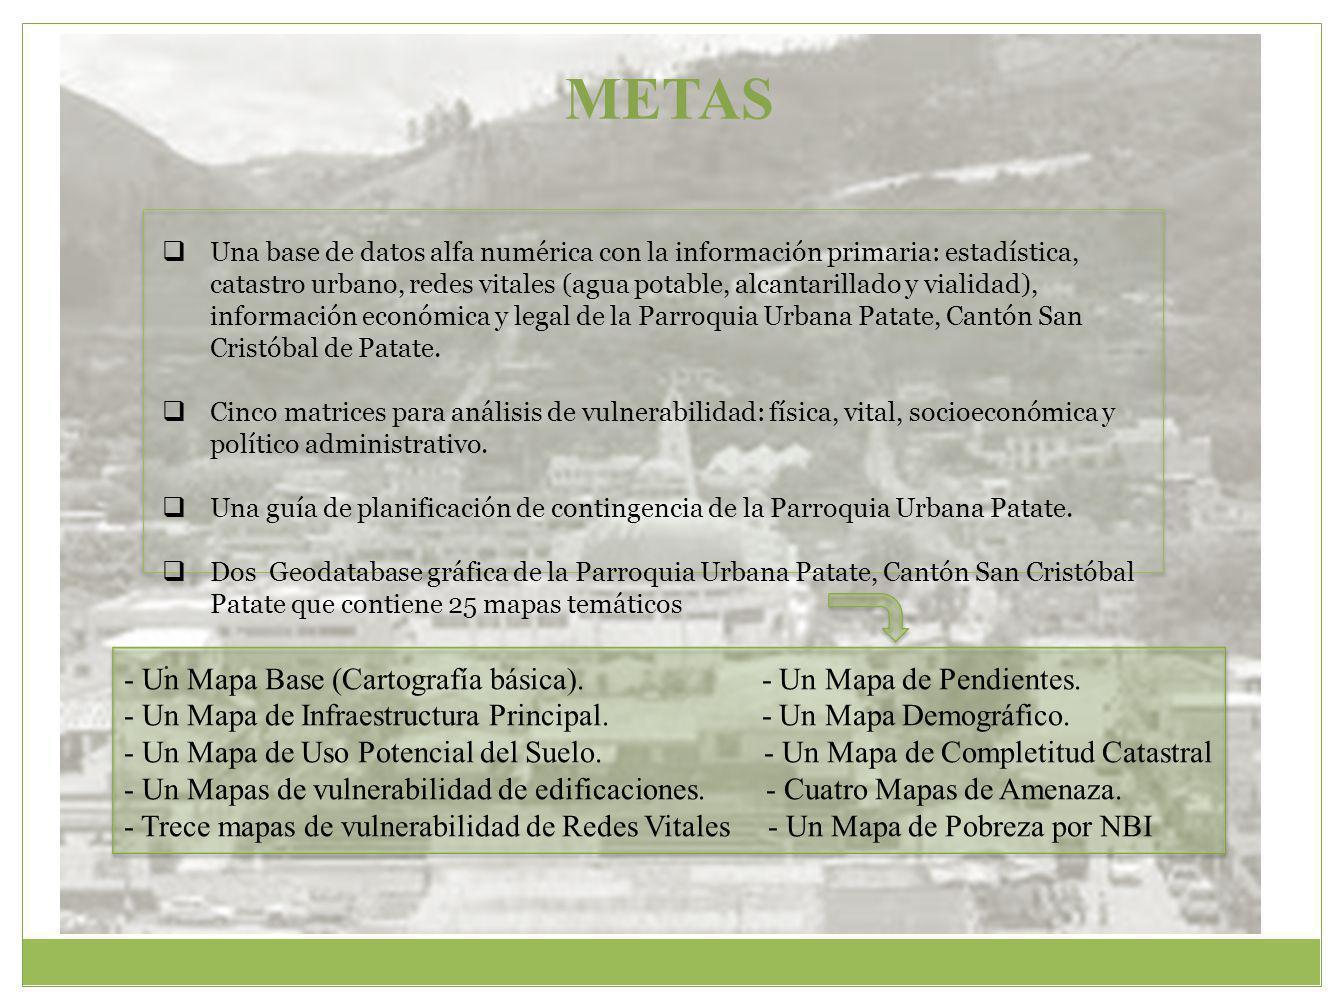 METAS Una base de datos alfa numérica con la información primaria: estadística, catastro urbano, redes vitales (agua potable, alcantarillado y vialidad), información económica y legal de la Parroquia Urbana Patate, Cantón San Cristóbal de Patate.